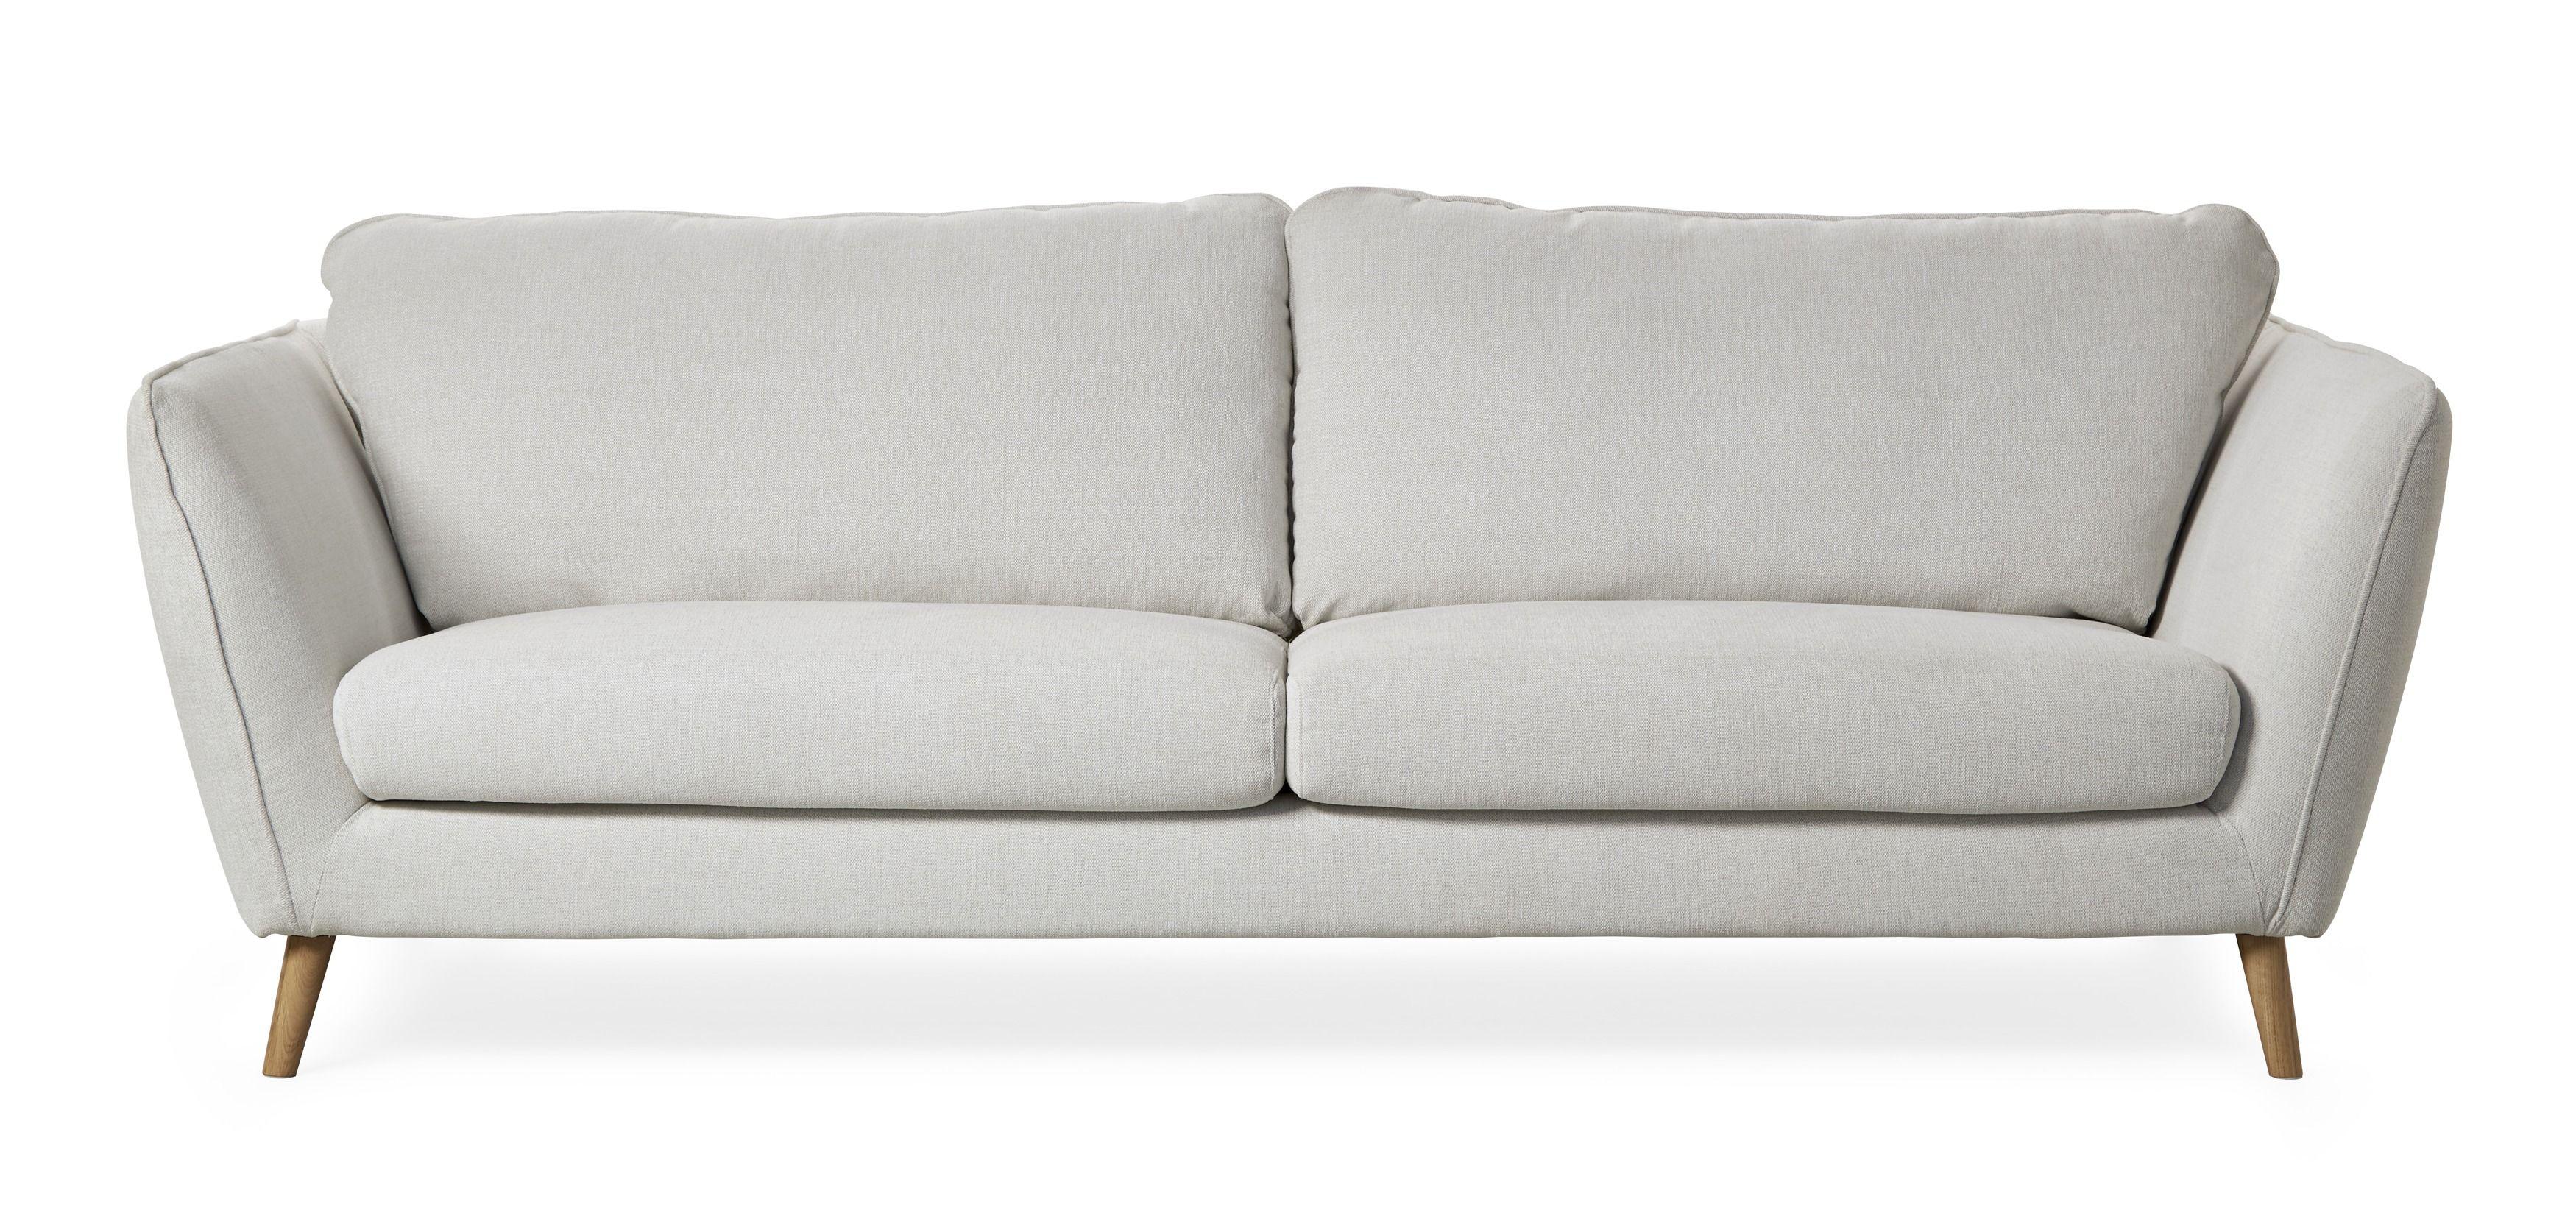 ben till soffa mio